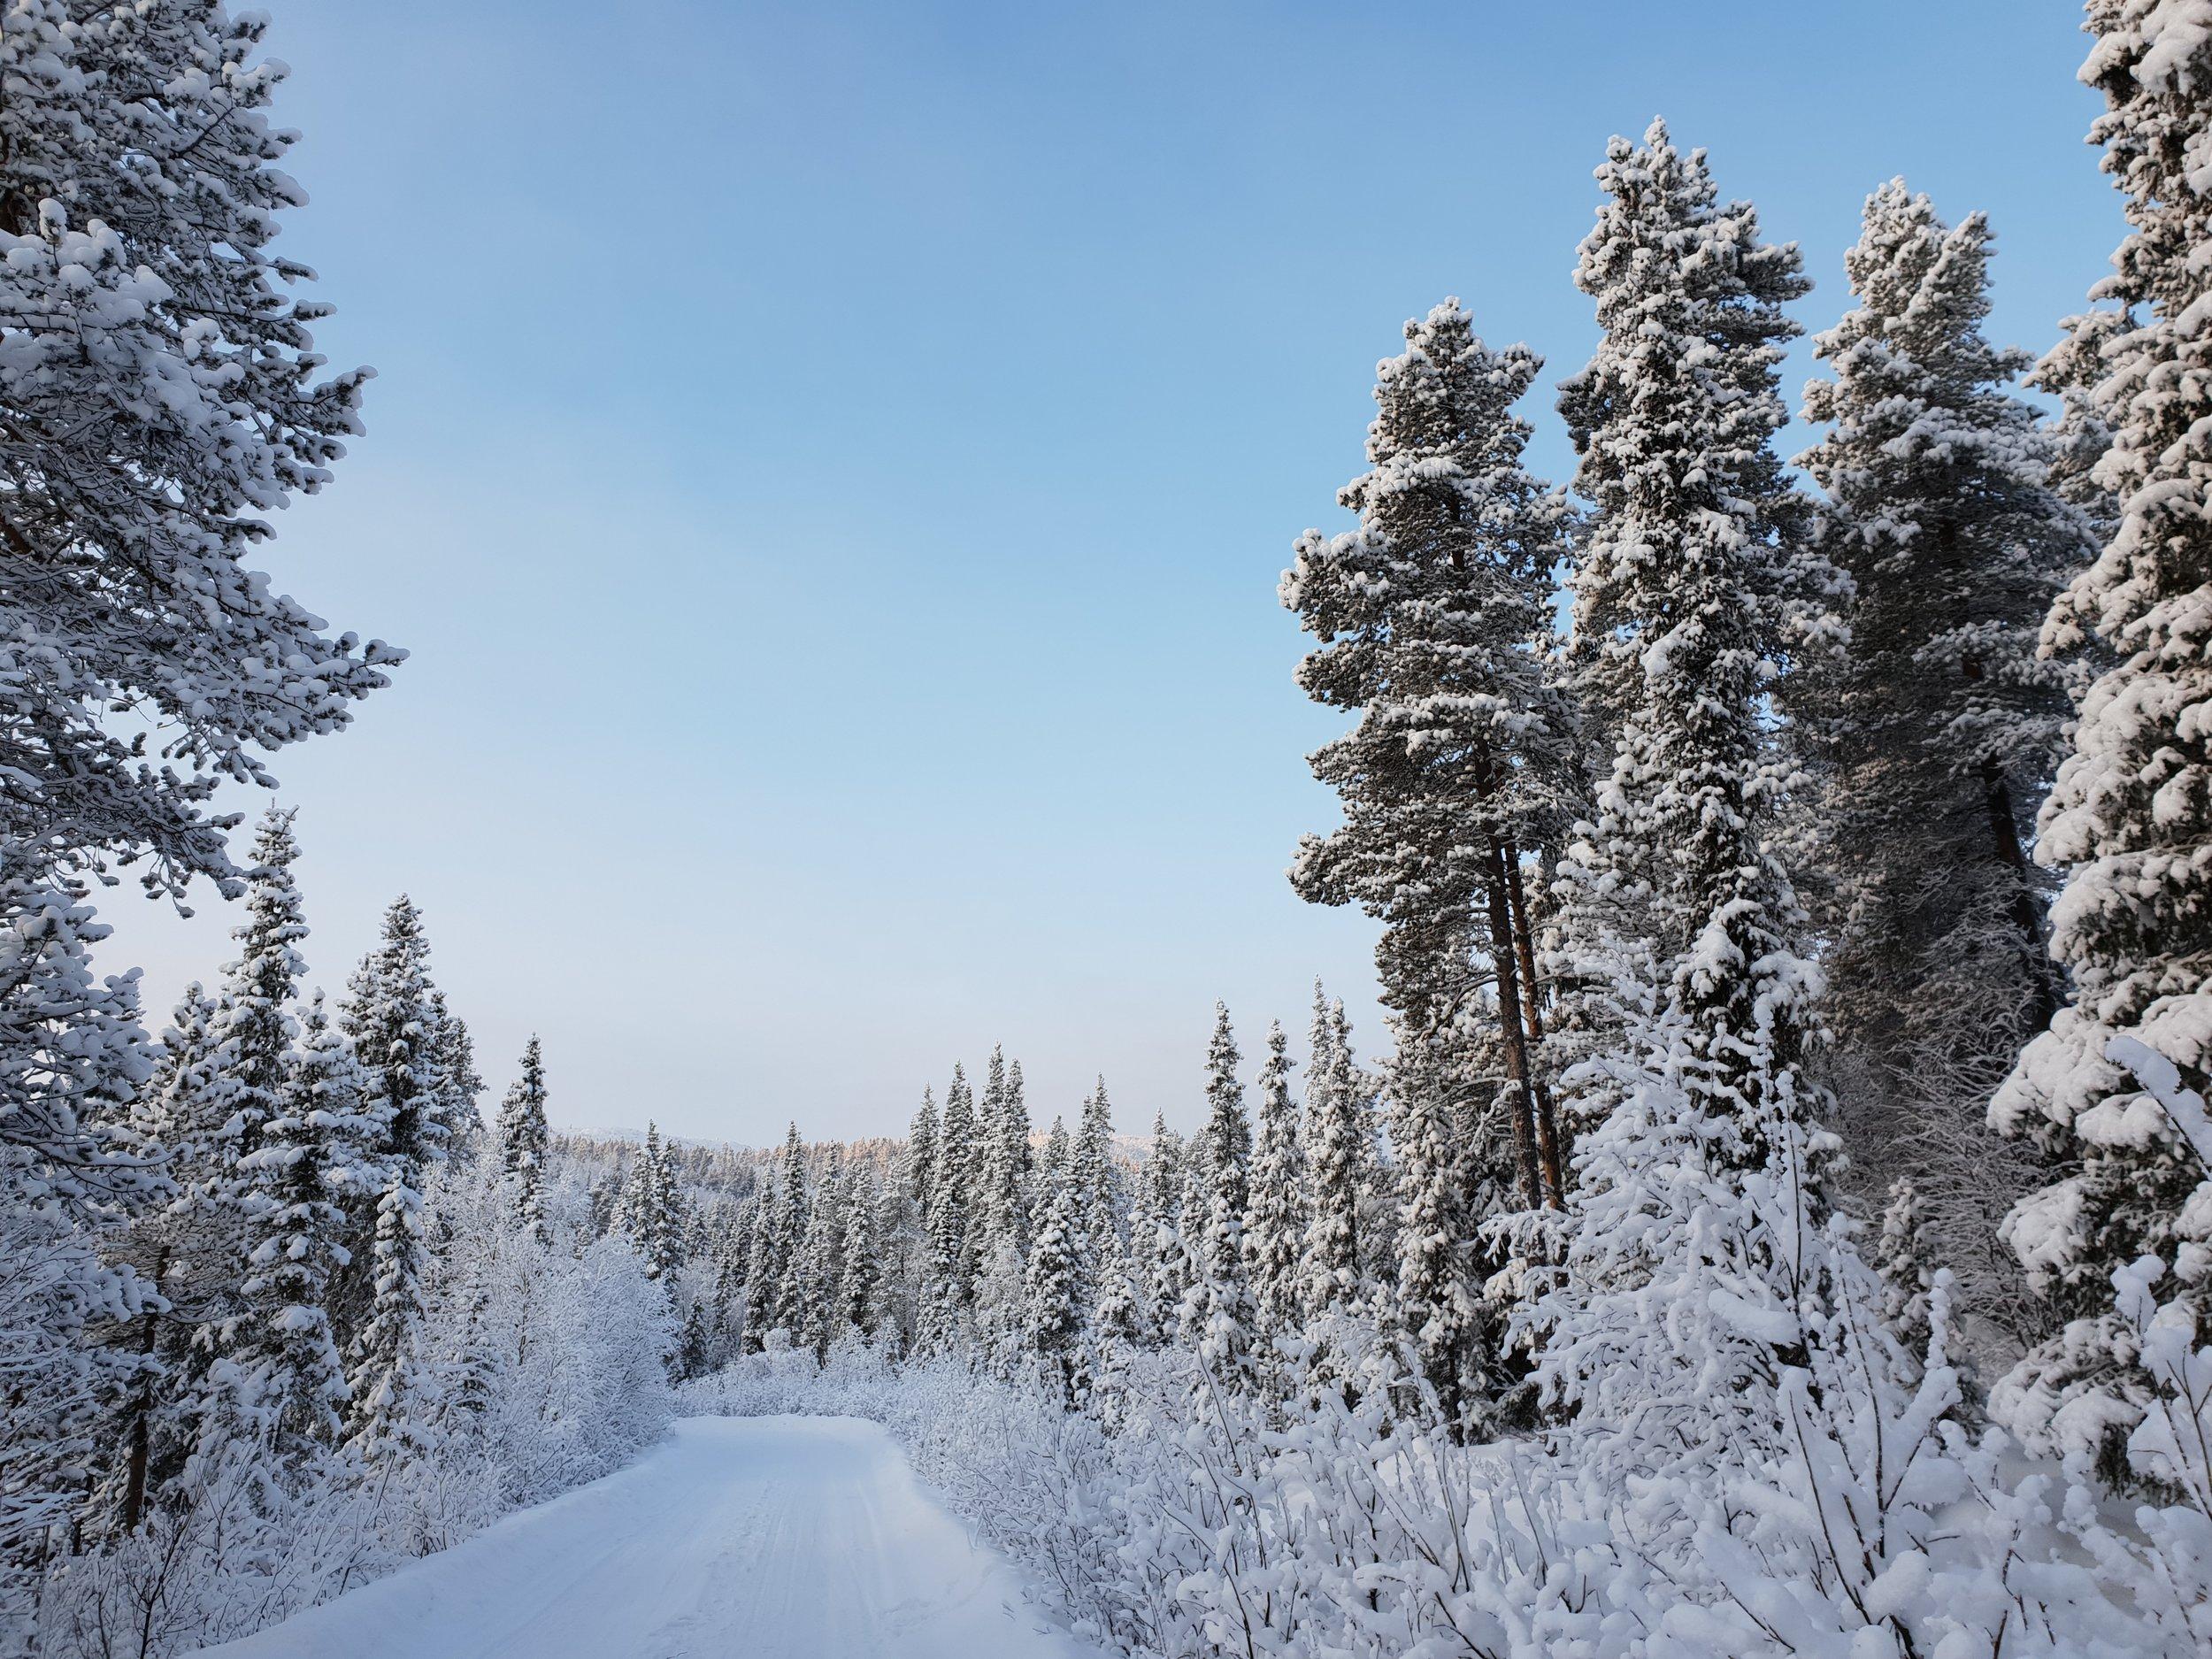 The frozen landscape of Lapland.